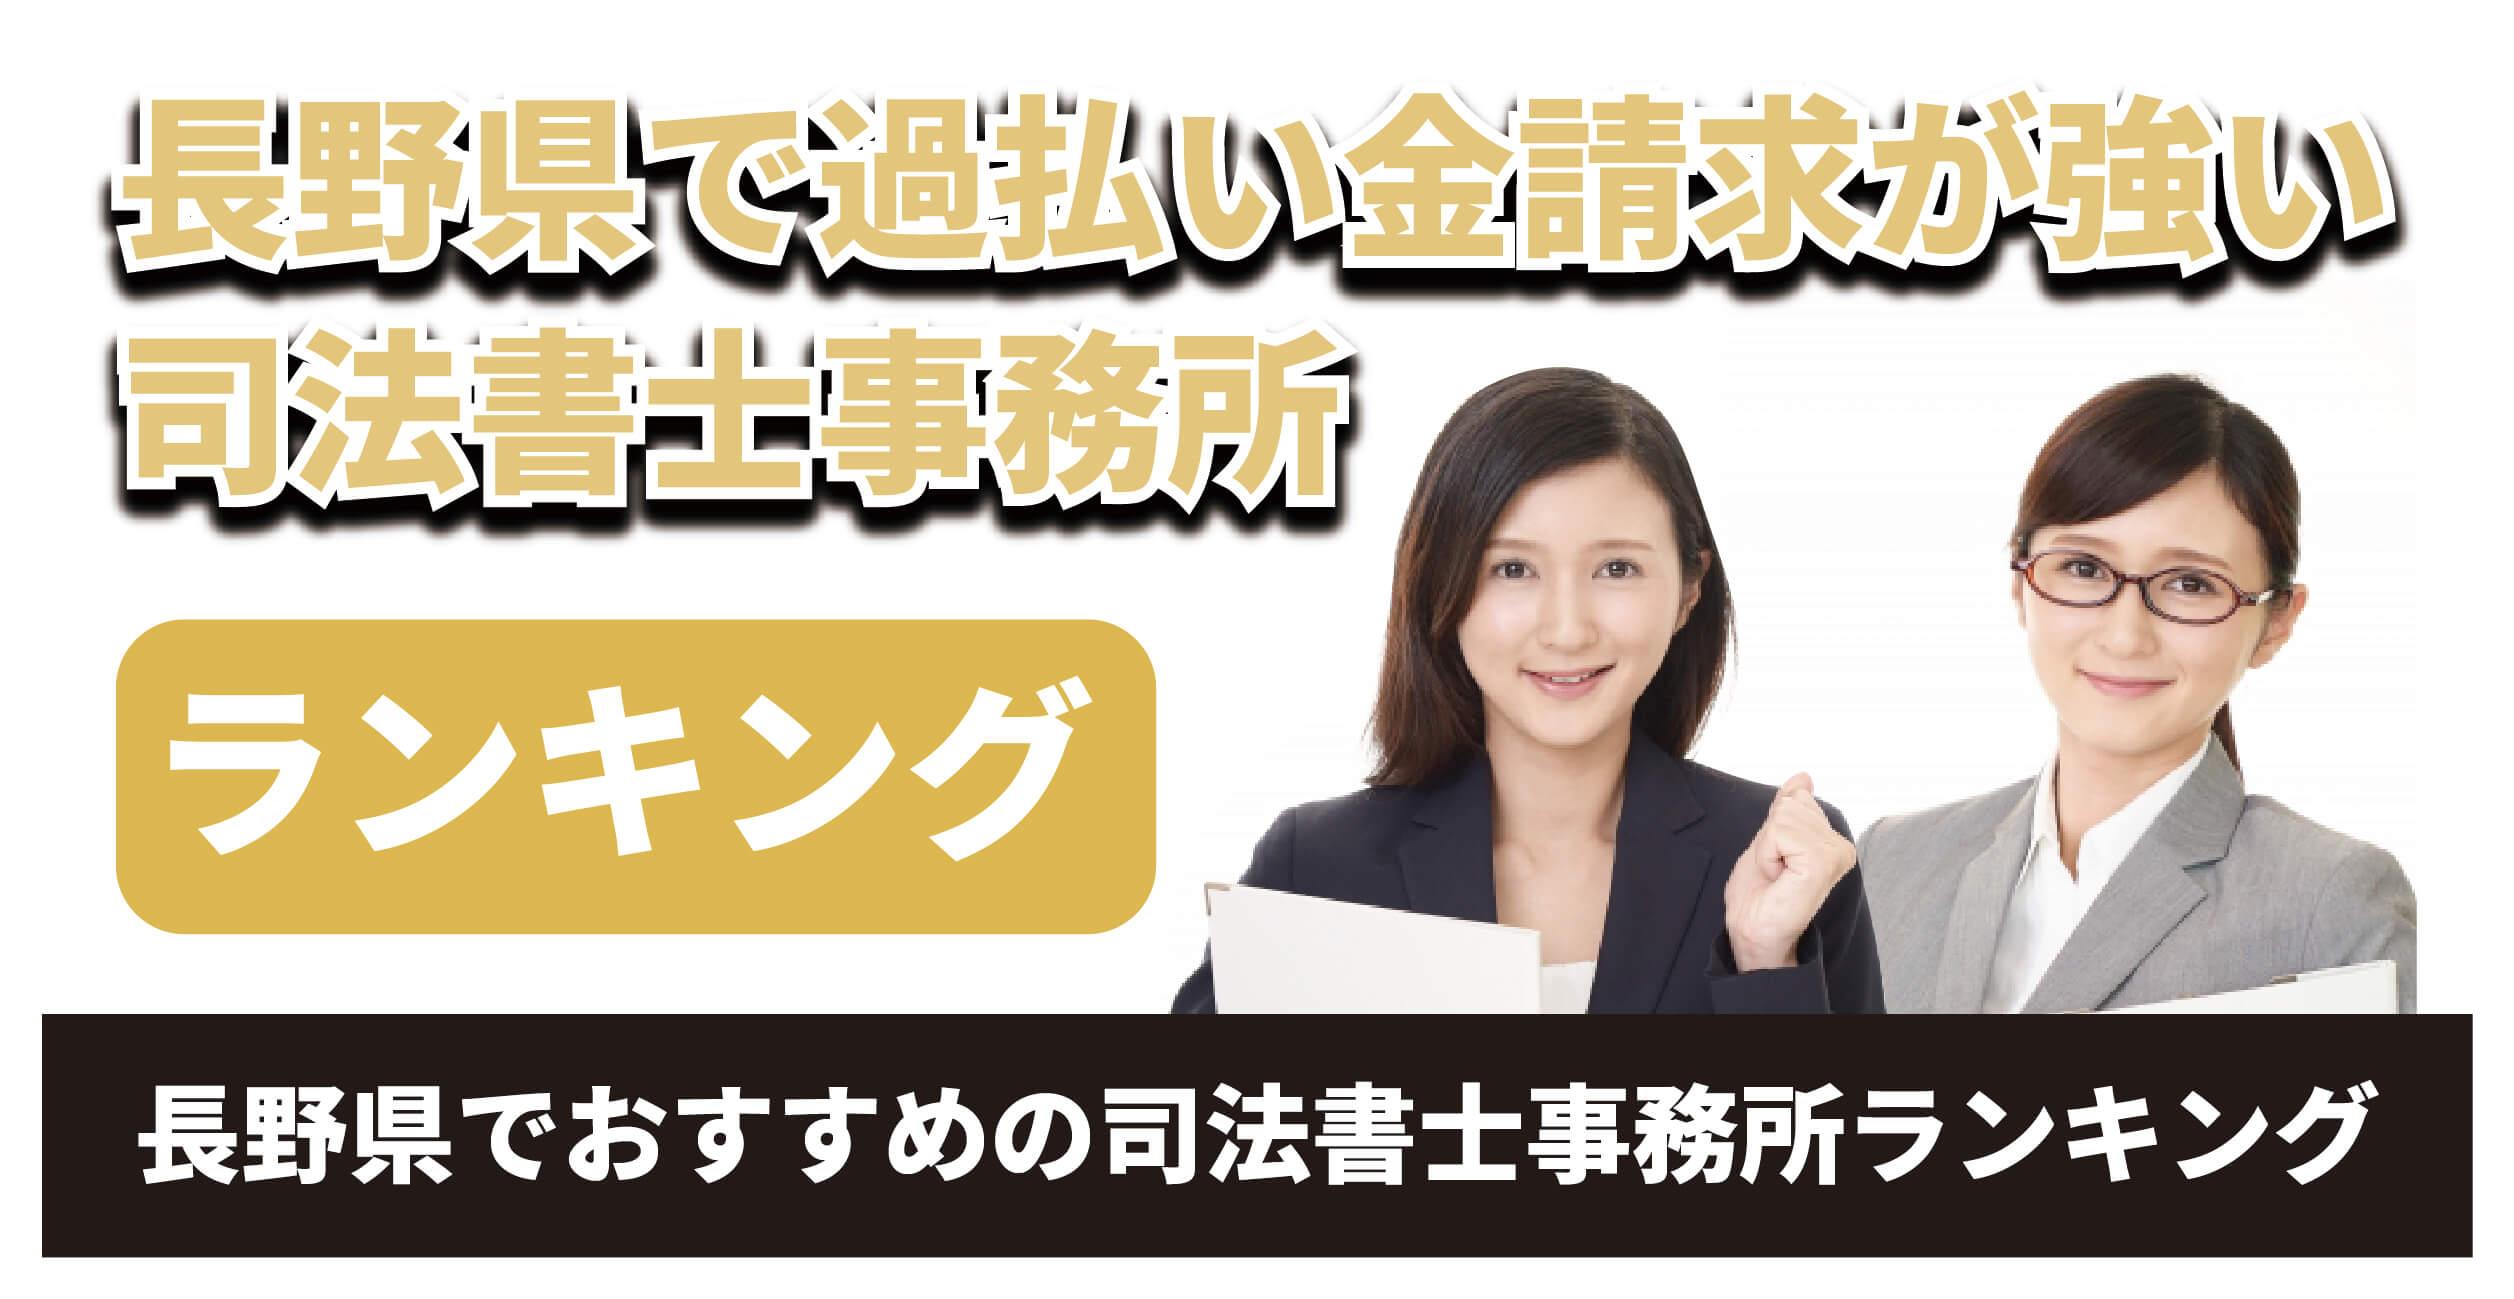 長野県で過払い金請求が強い司法書士は?